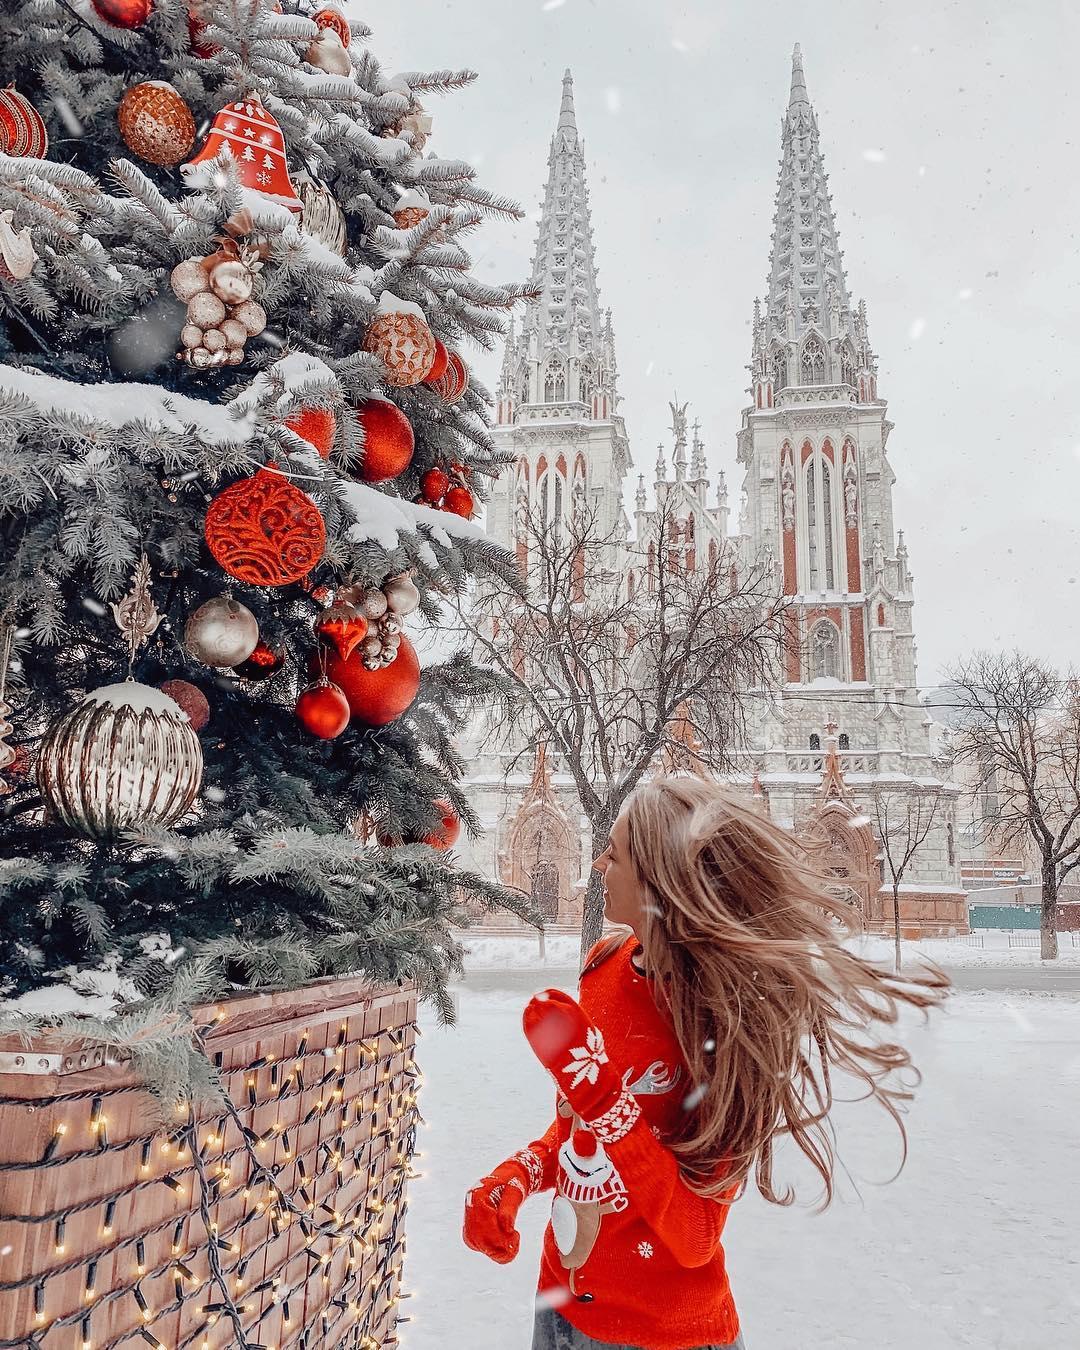 Пока впереди нас ждут еще полтора месяца зимы, не упустите возможность сфотографироваться возле костела - весь в снегу он и правда похож на сказочный замок - @lyubimaya_uliya